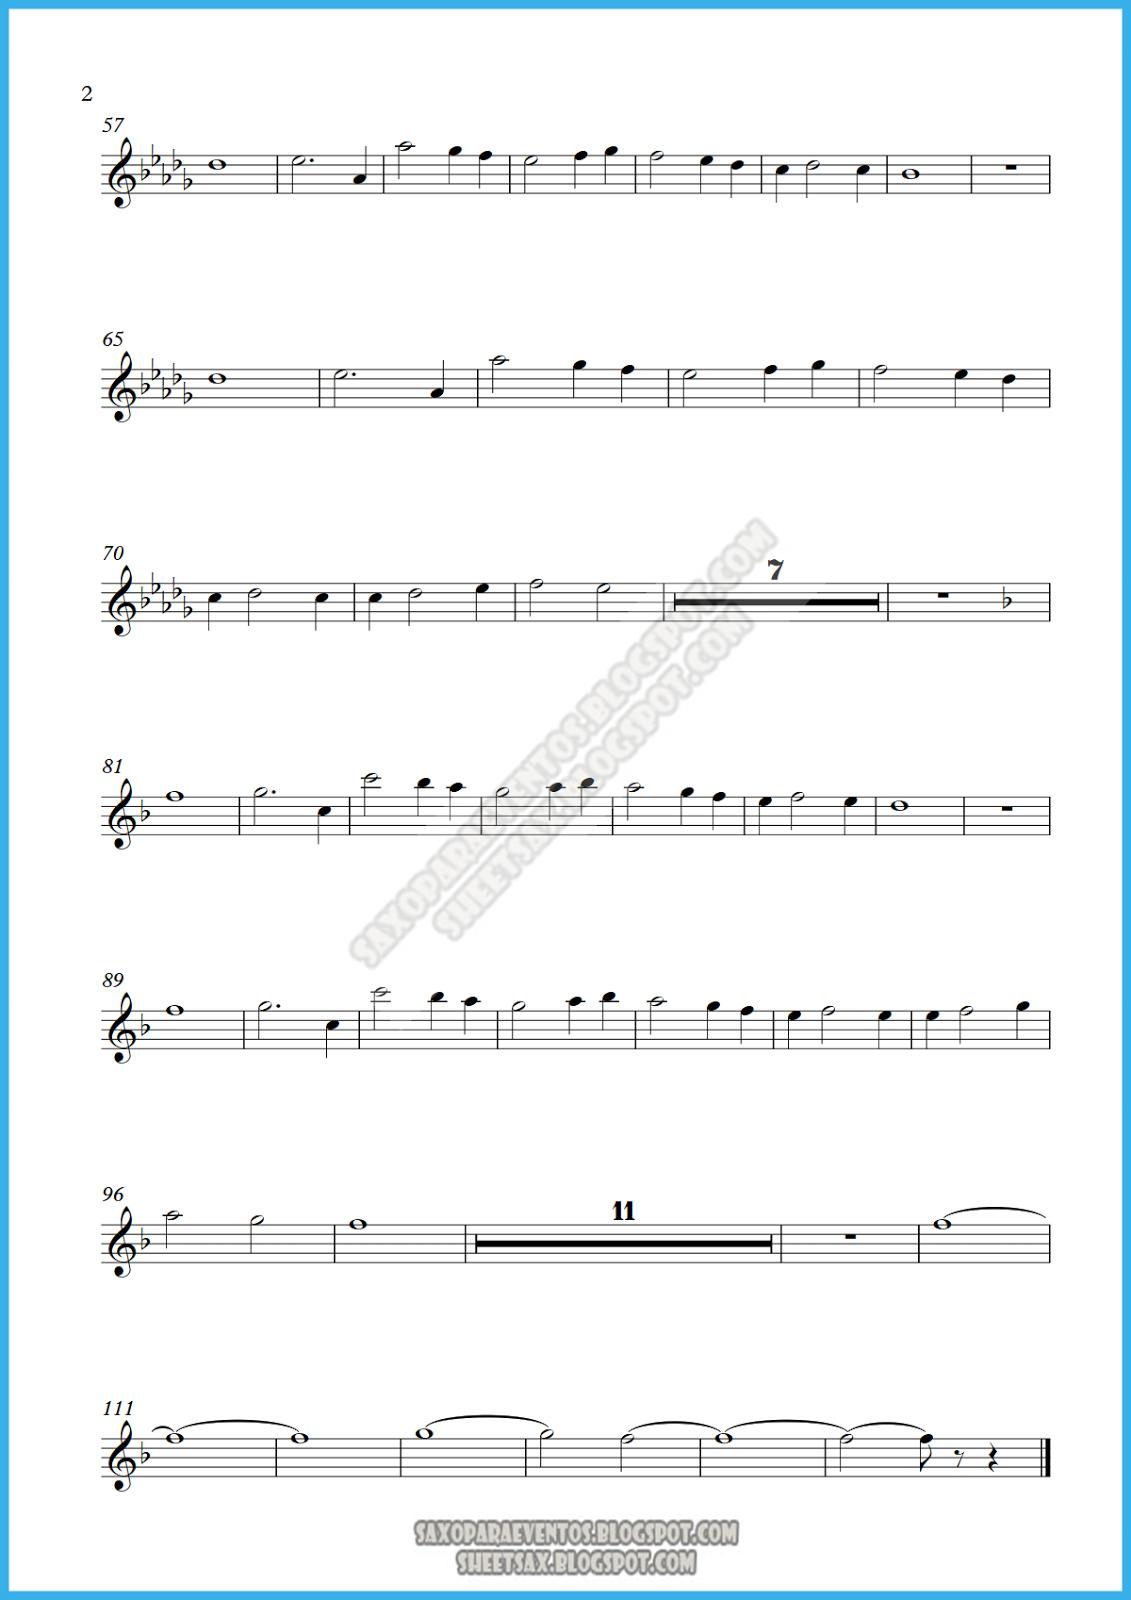 http://3.bp.blogspot.com/-X4QTKLo5Zeg/UUR-gjIrgyI/AAAAAAAADnU/Y-EzPEkjt_w/s1600/My+Heart+Will+Go+On+by+Celine+Dion+music+score+-+alto+sax+clarinet+trumpet+corn+fagot_0002.png